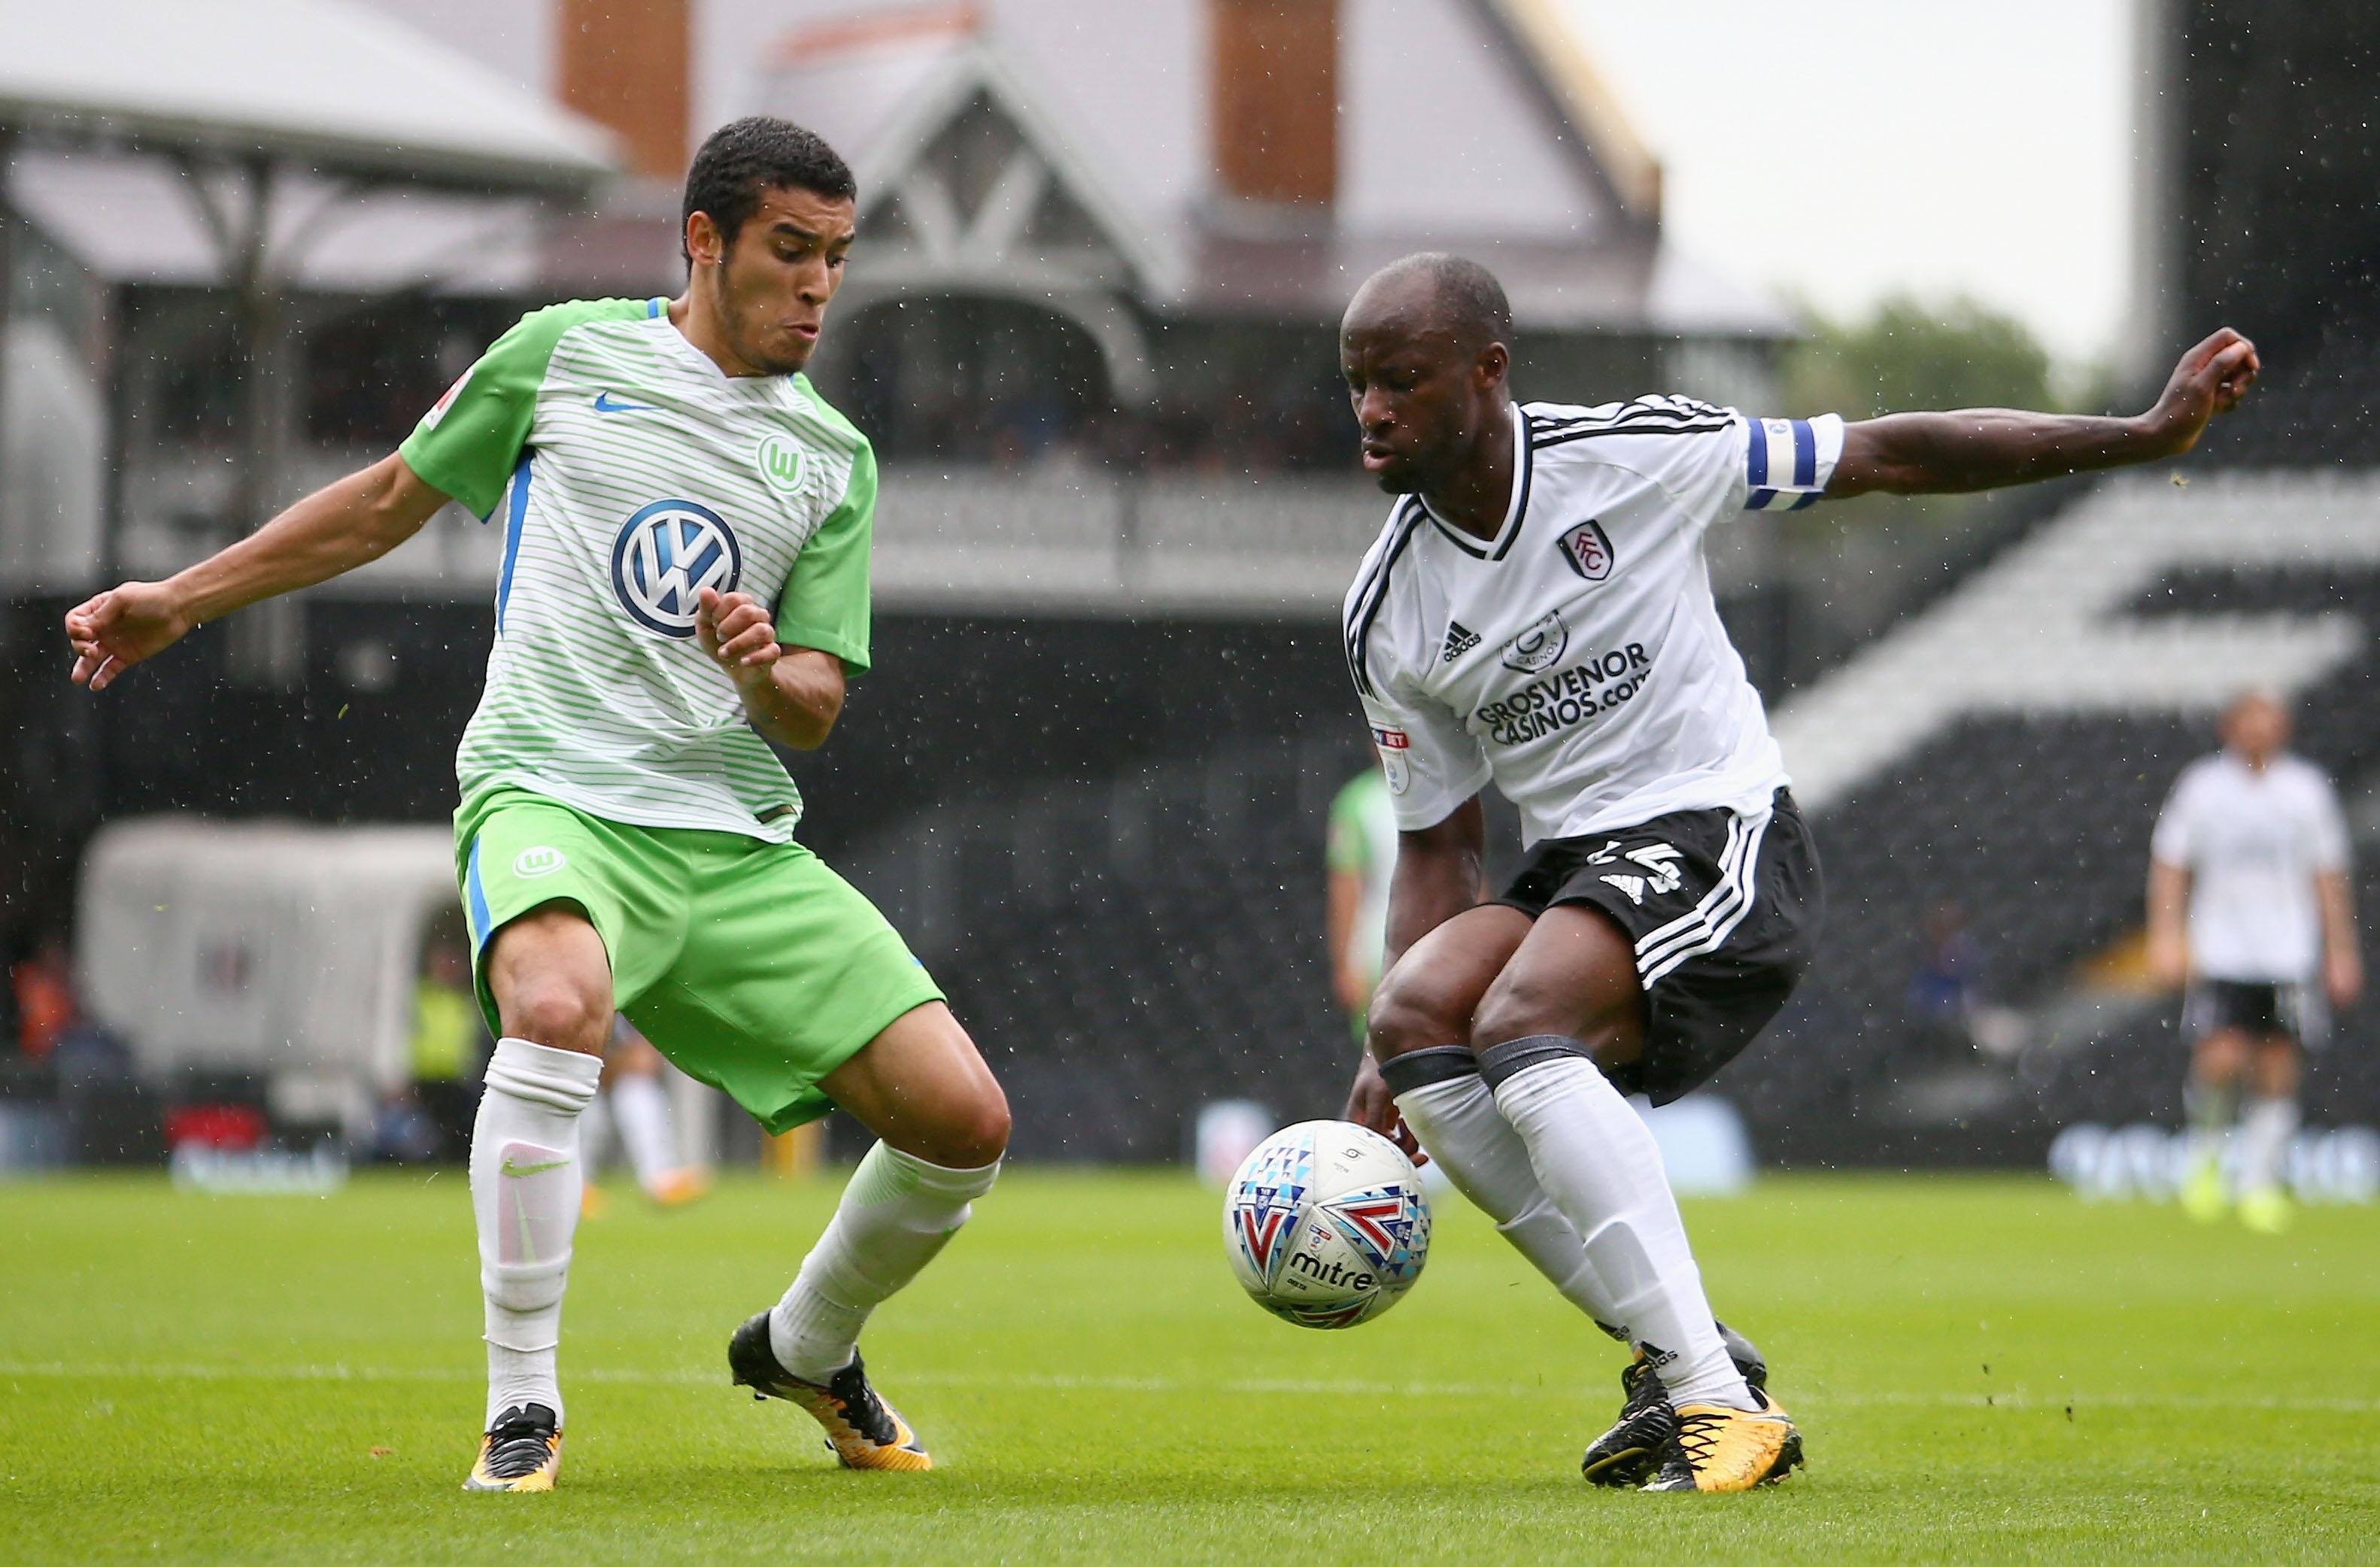 Fulham v VfL Wolfsburg - Pre-Season Friendly